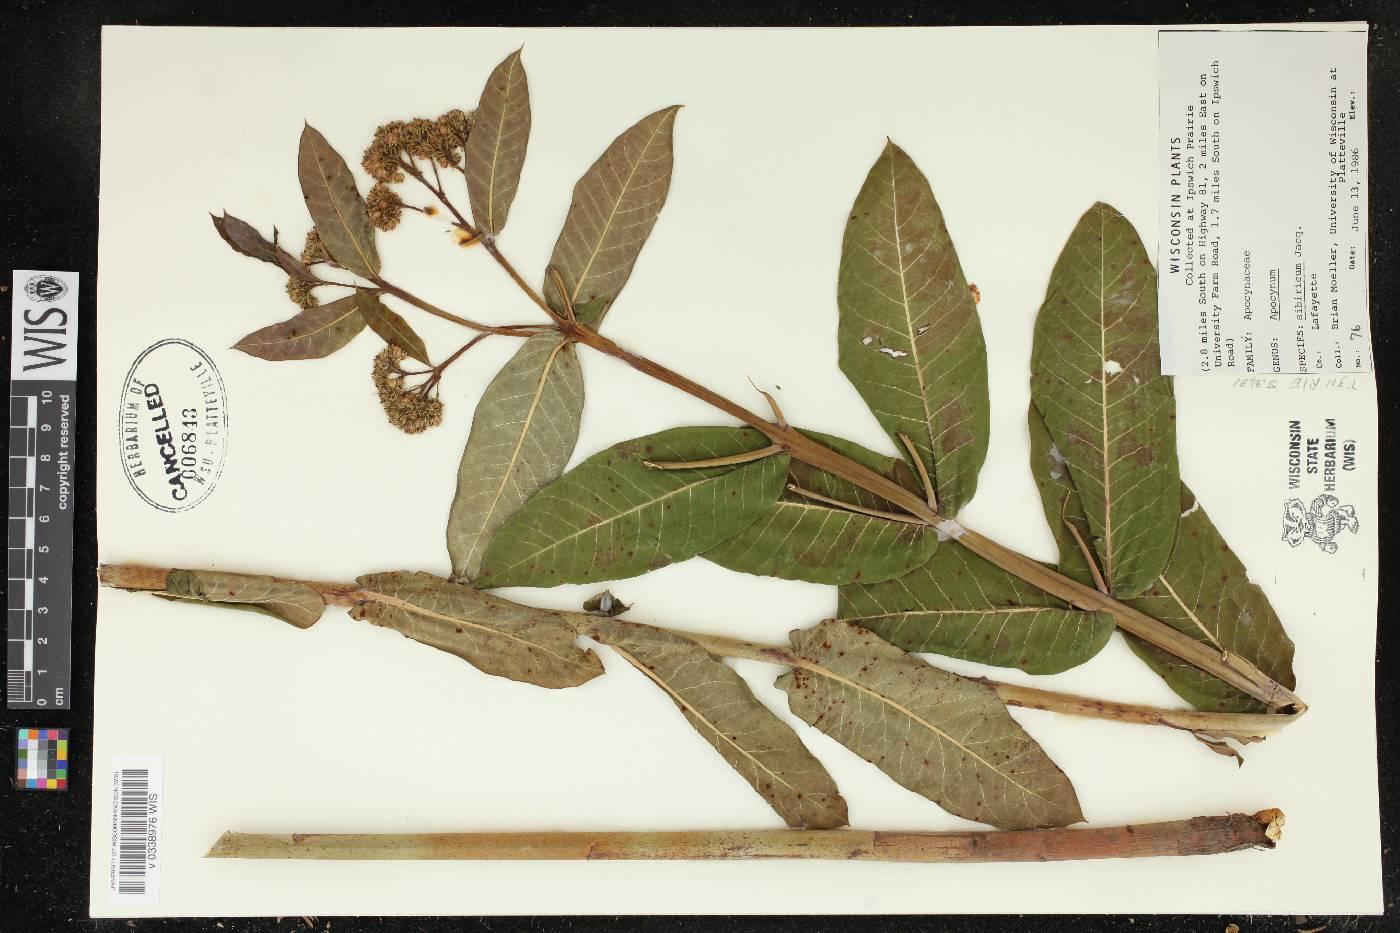 Apocynum cannabinum var. hypericifolium image